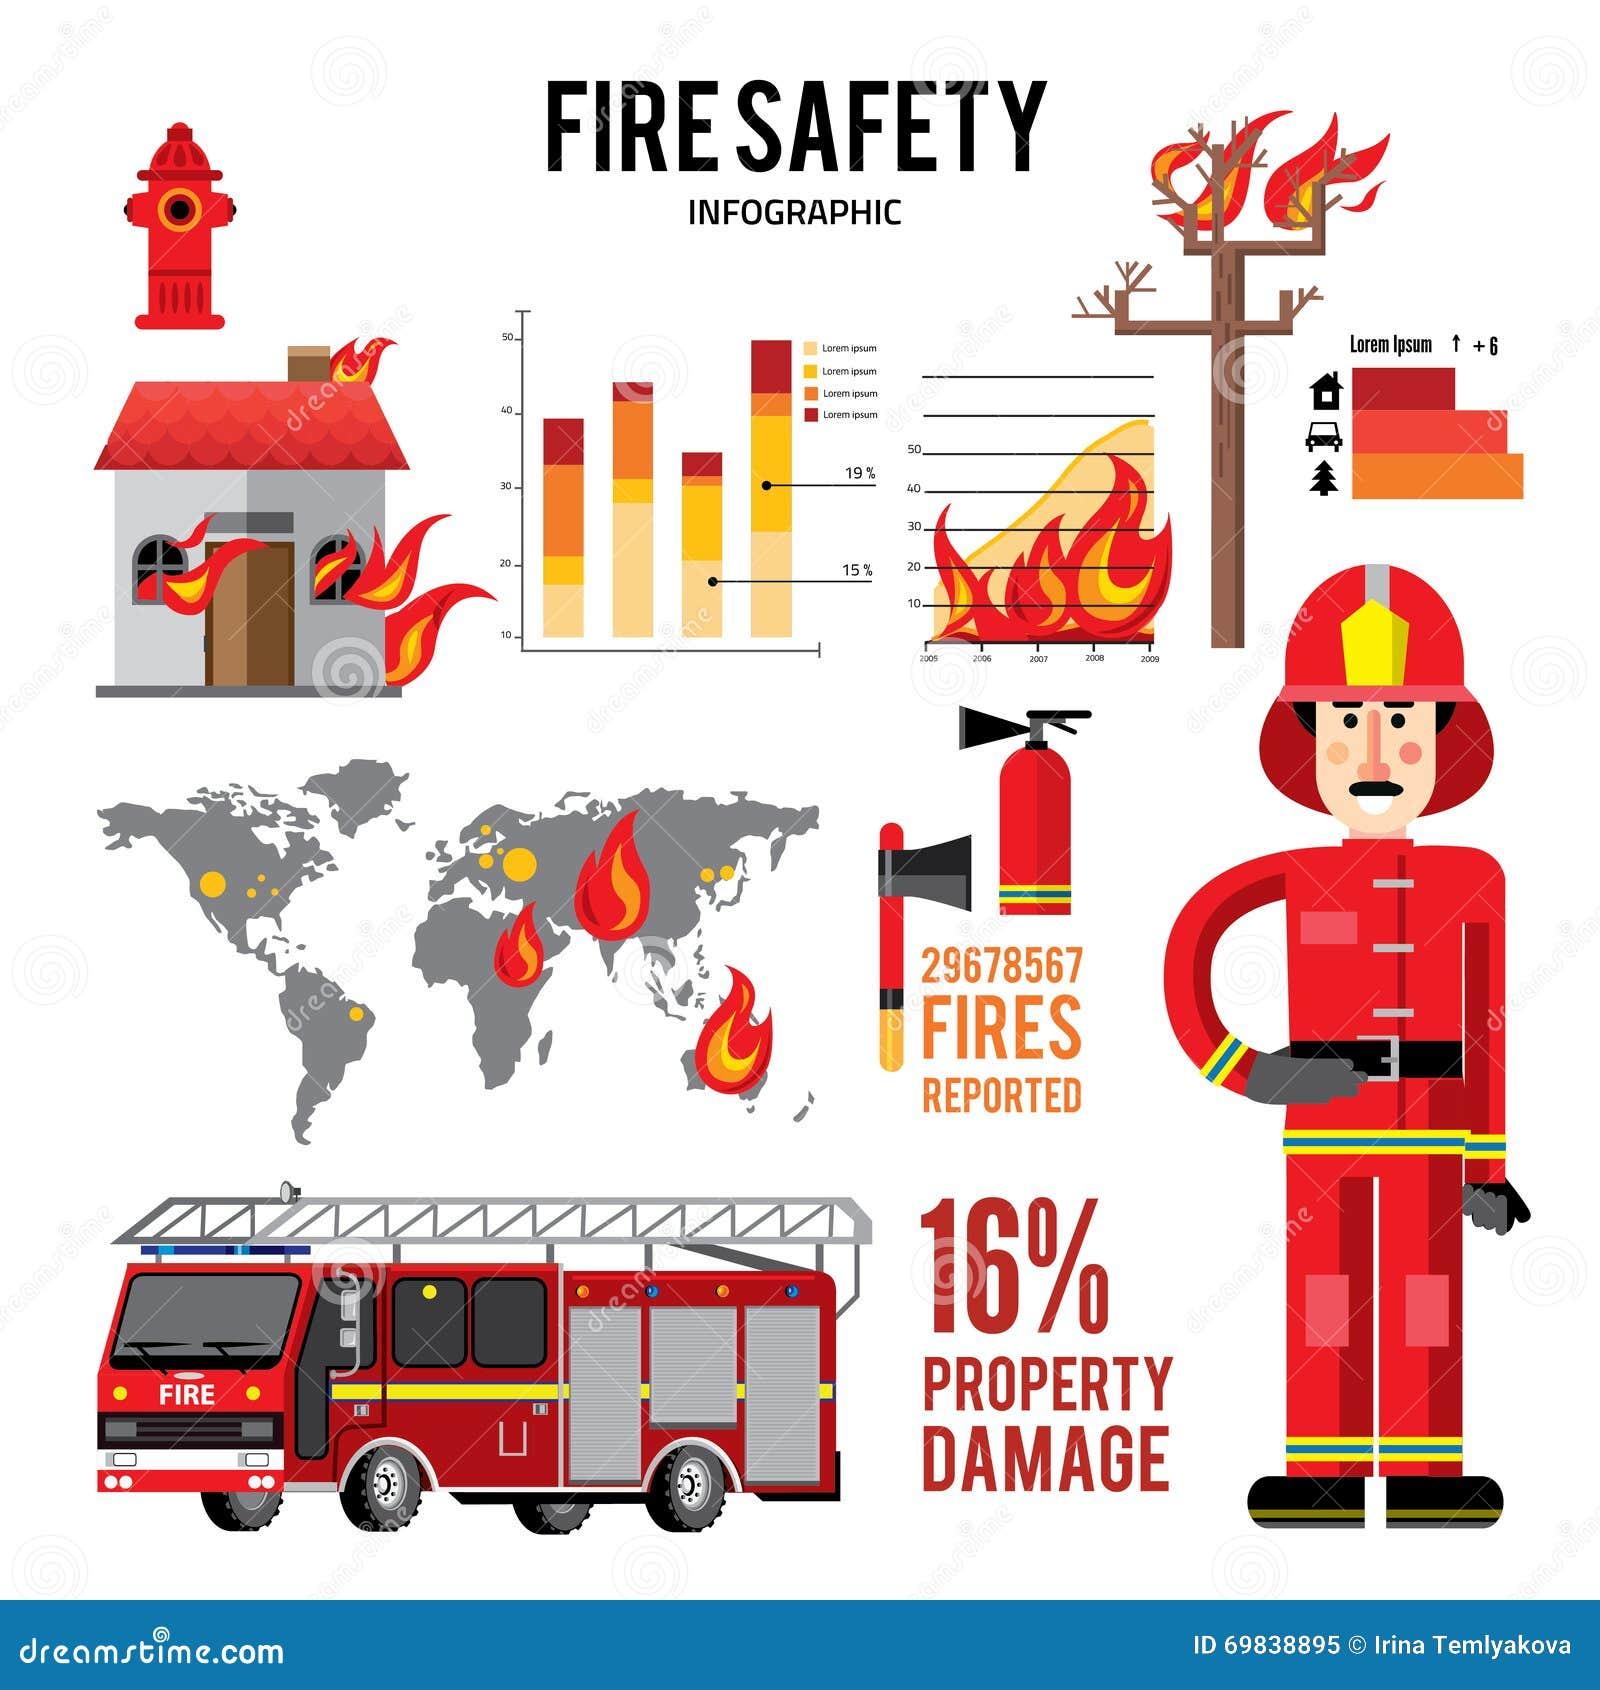 Πυροσβέστης και εικονίδια Πυροσβεστικό όχημα στην πυρκαγιά Επίπεδη διανυσματική απεικόνιση ύφους